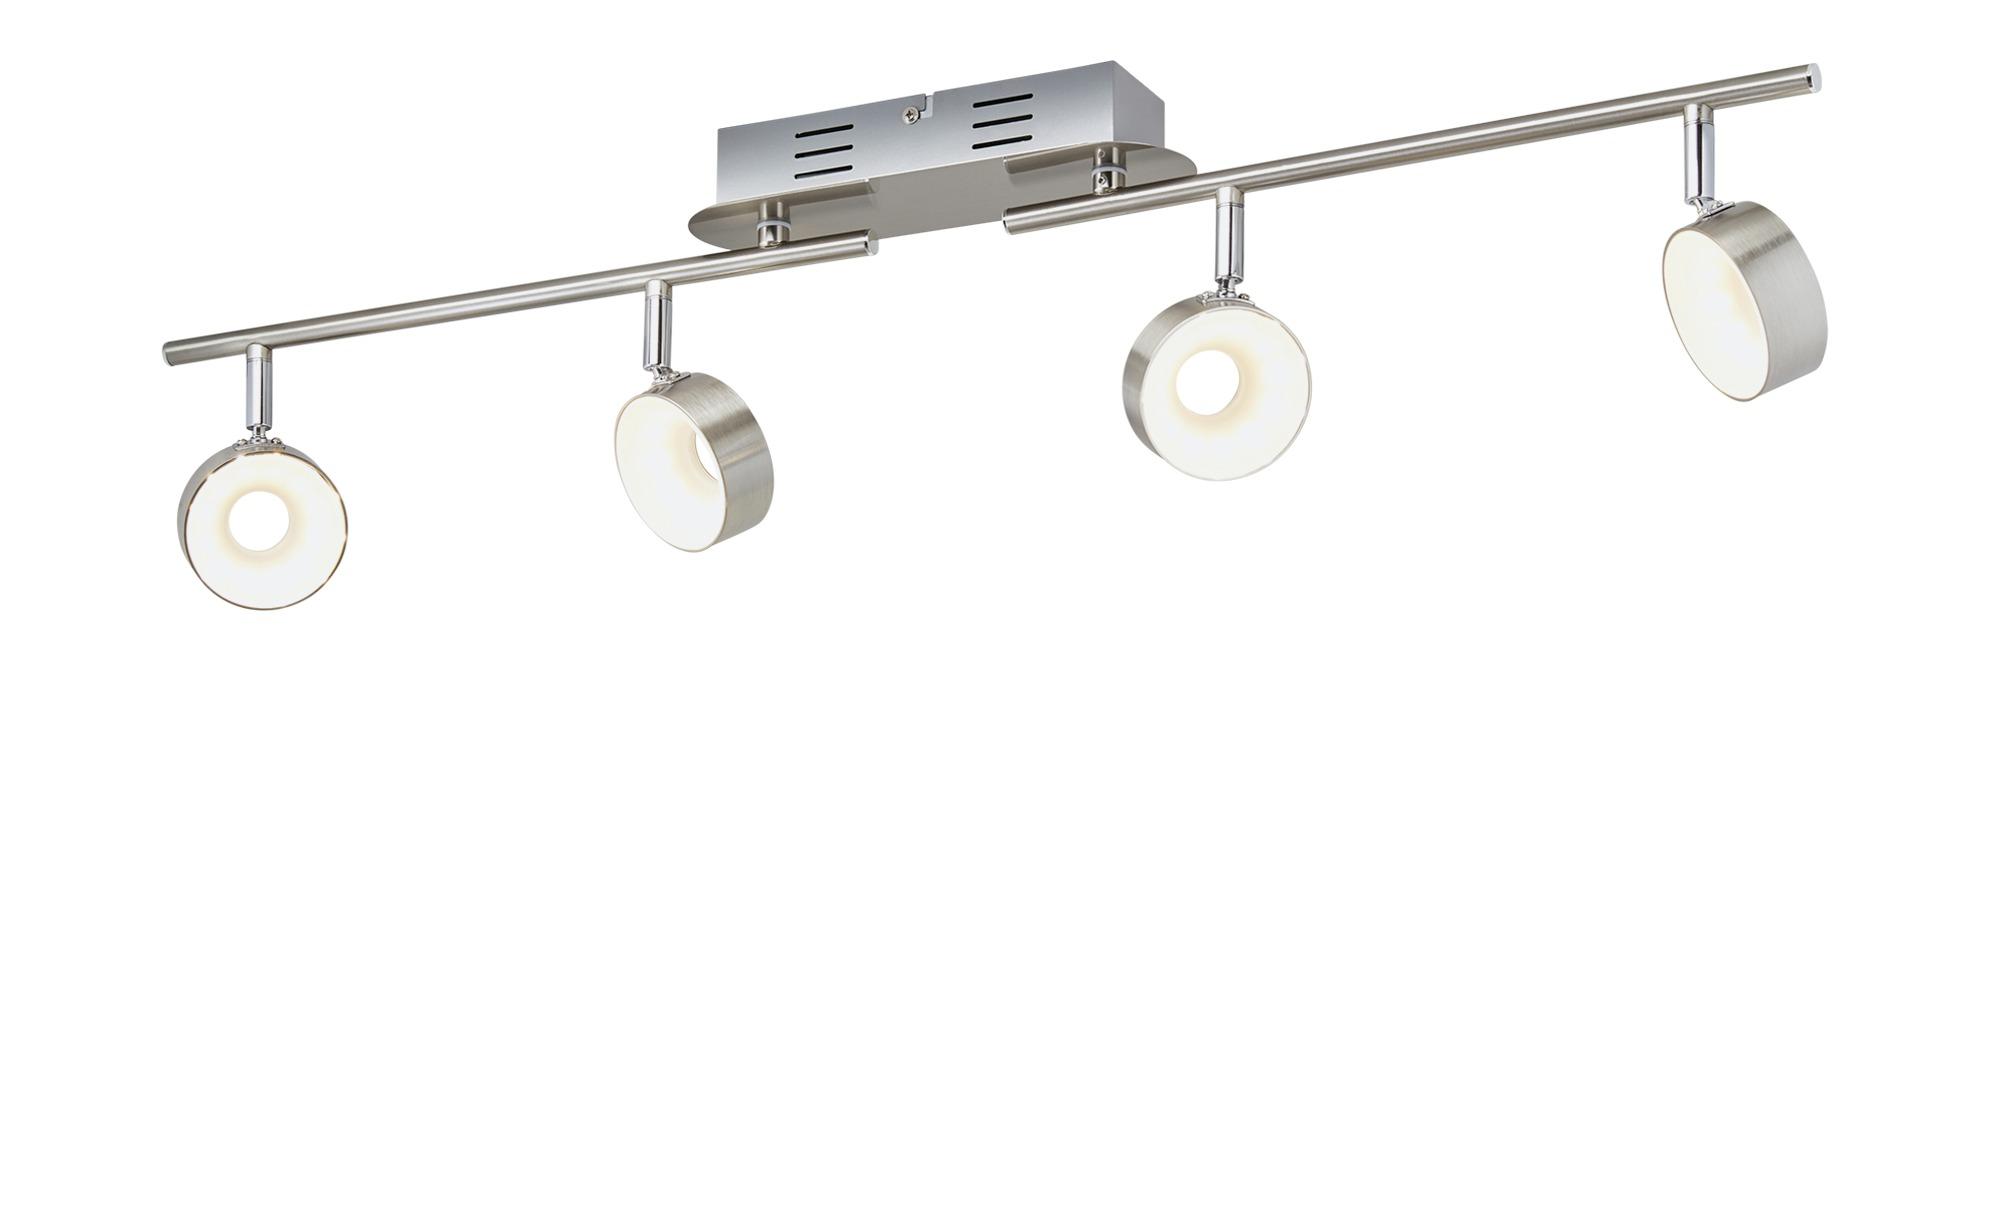 KHG LED-Spot, 4-flammig Nickel matt ¦ silber ¦ Maße (cm): B: 8 H: 18,5 Lampen & Leuchten > LED-Leuchten > LED-Strahler & Spots - Höffner